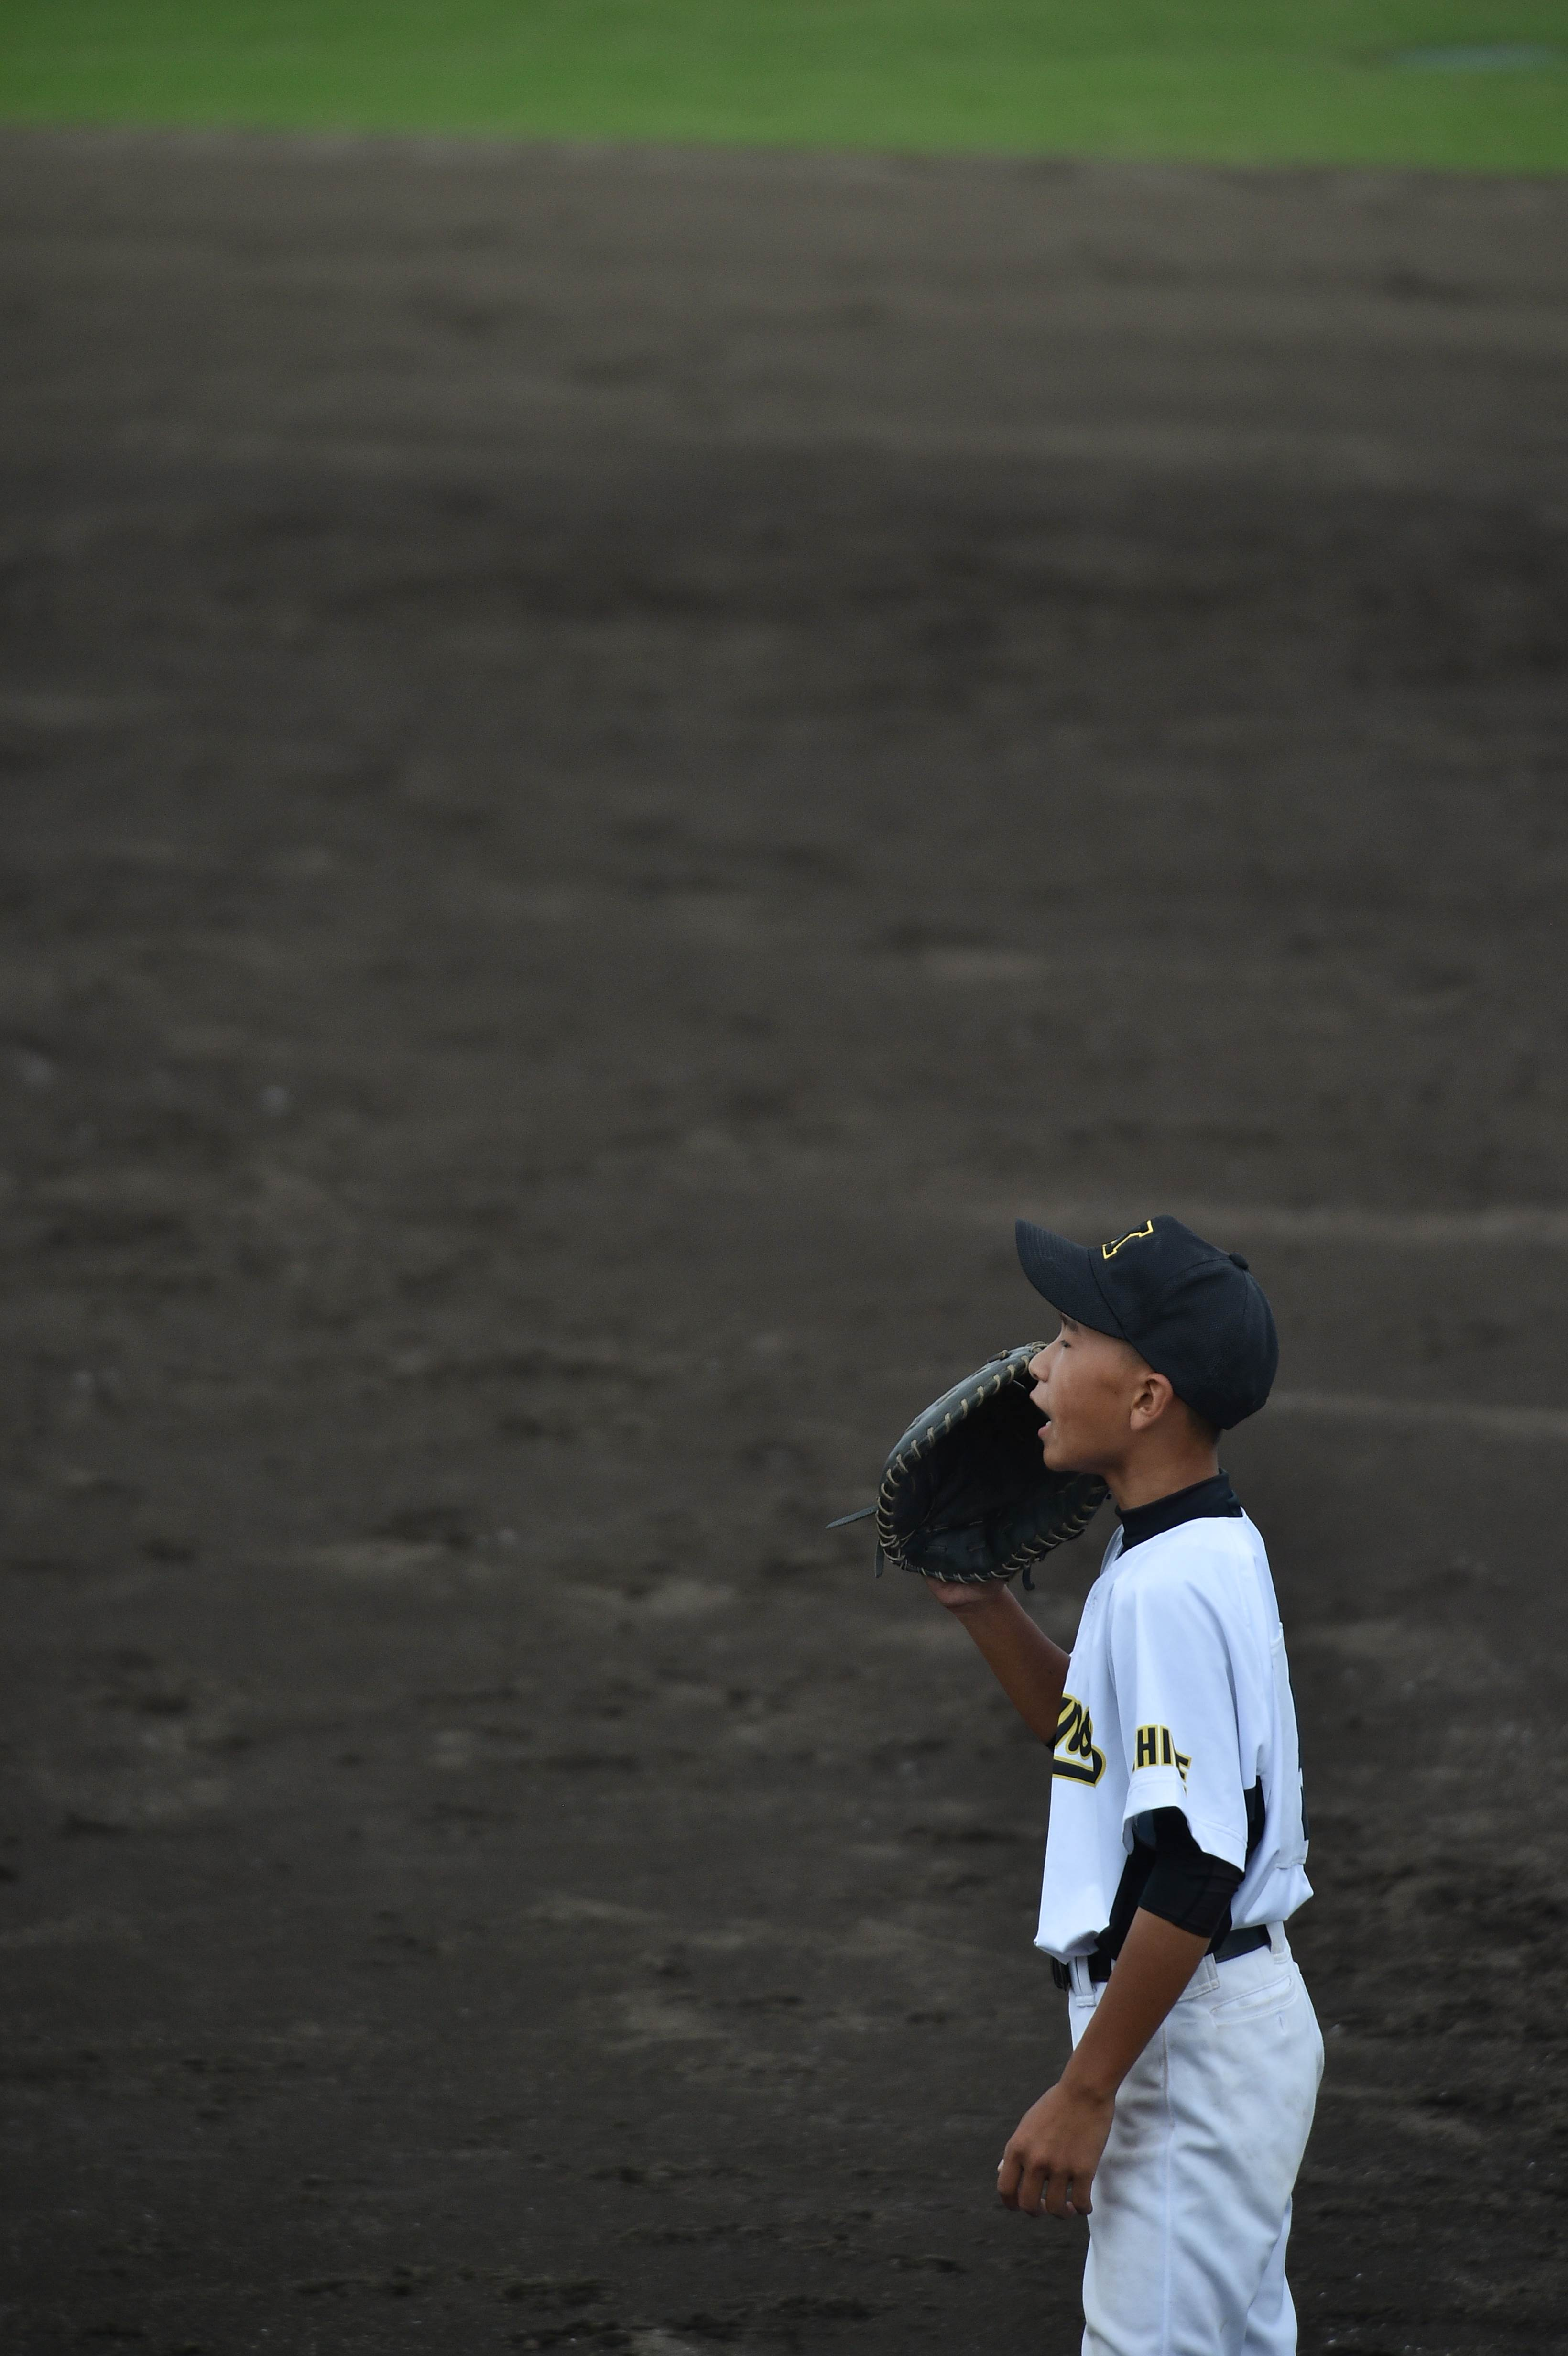 軟式野球 (366)